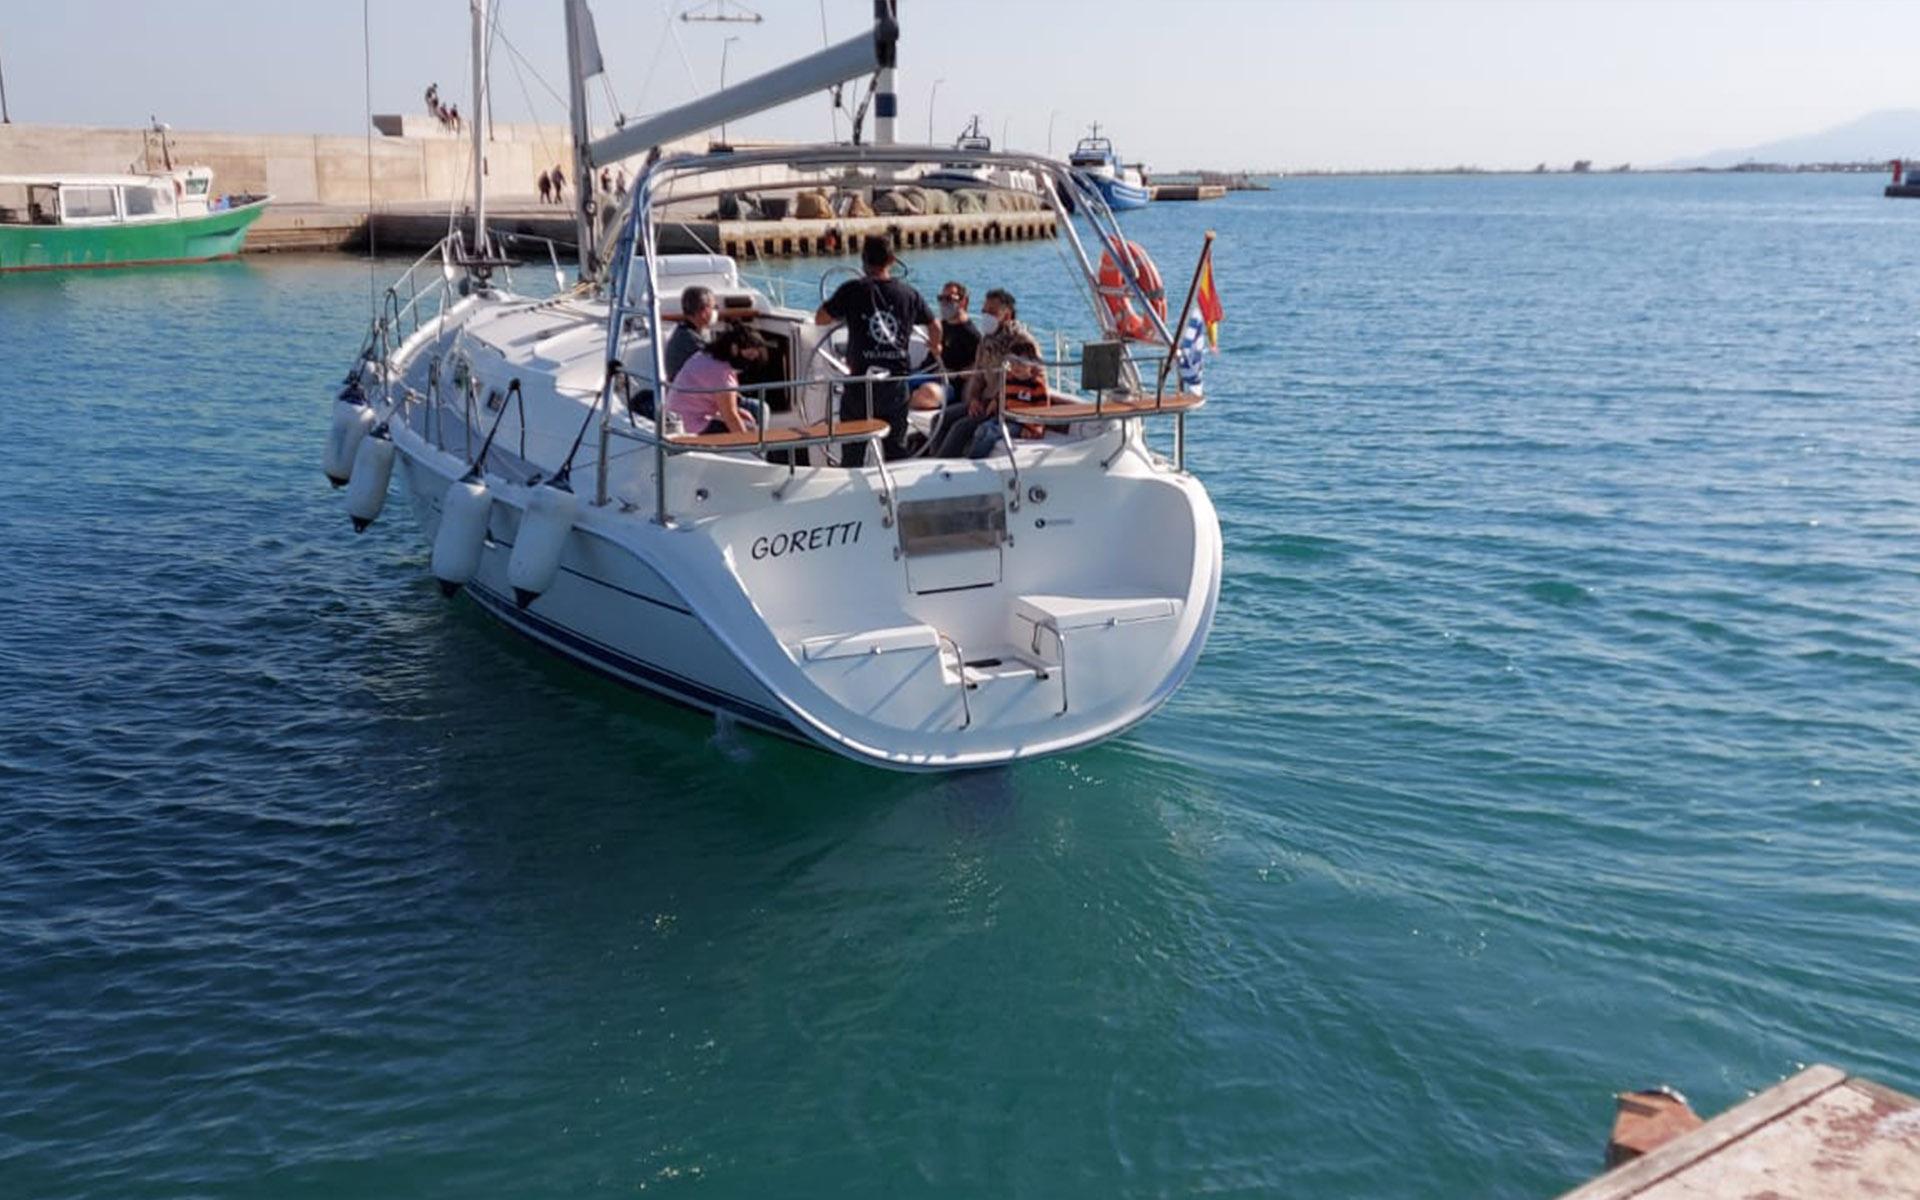 Alquiler del velero en exclusiva en el Delta del Ebro